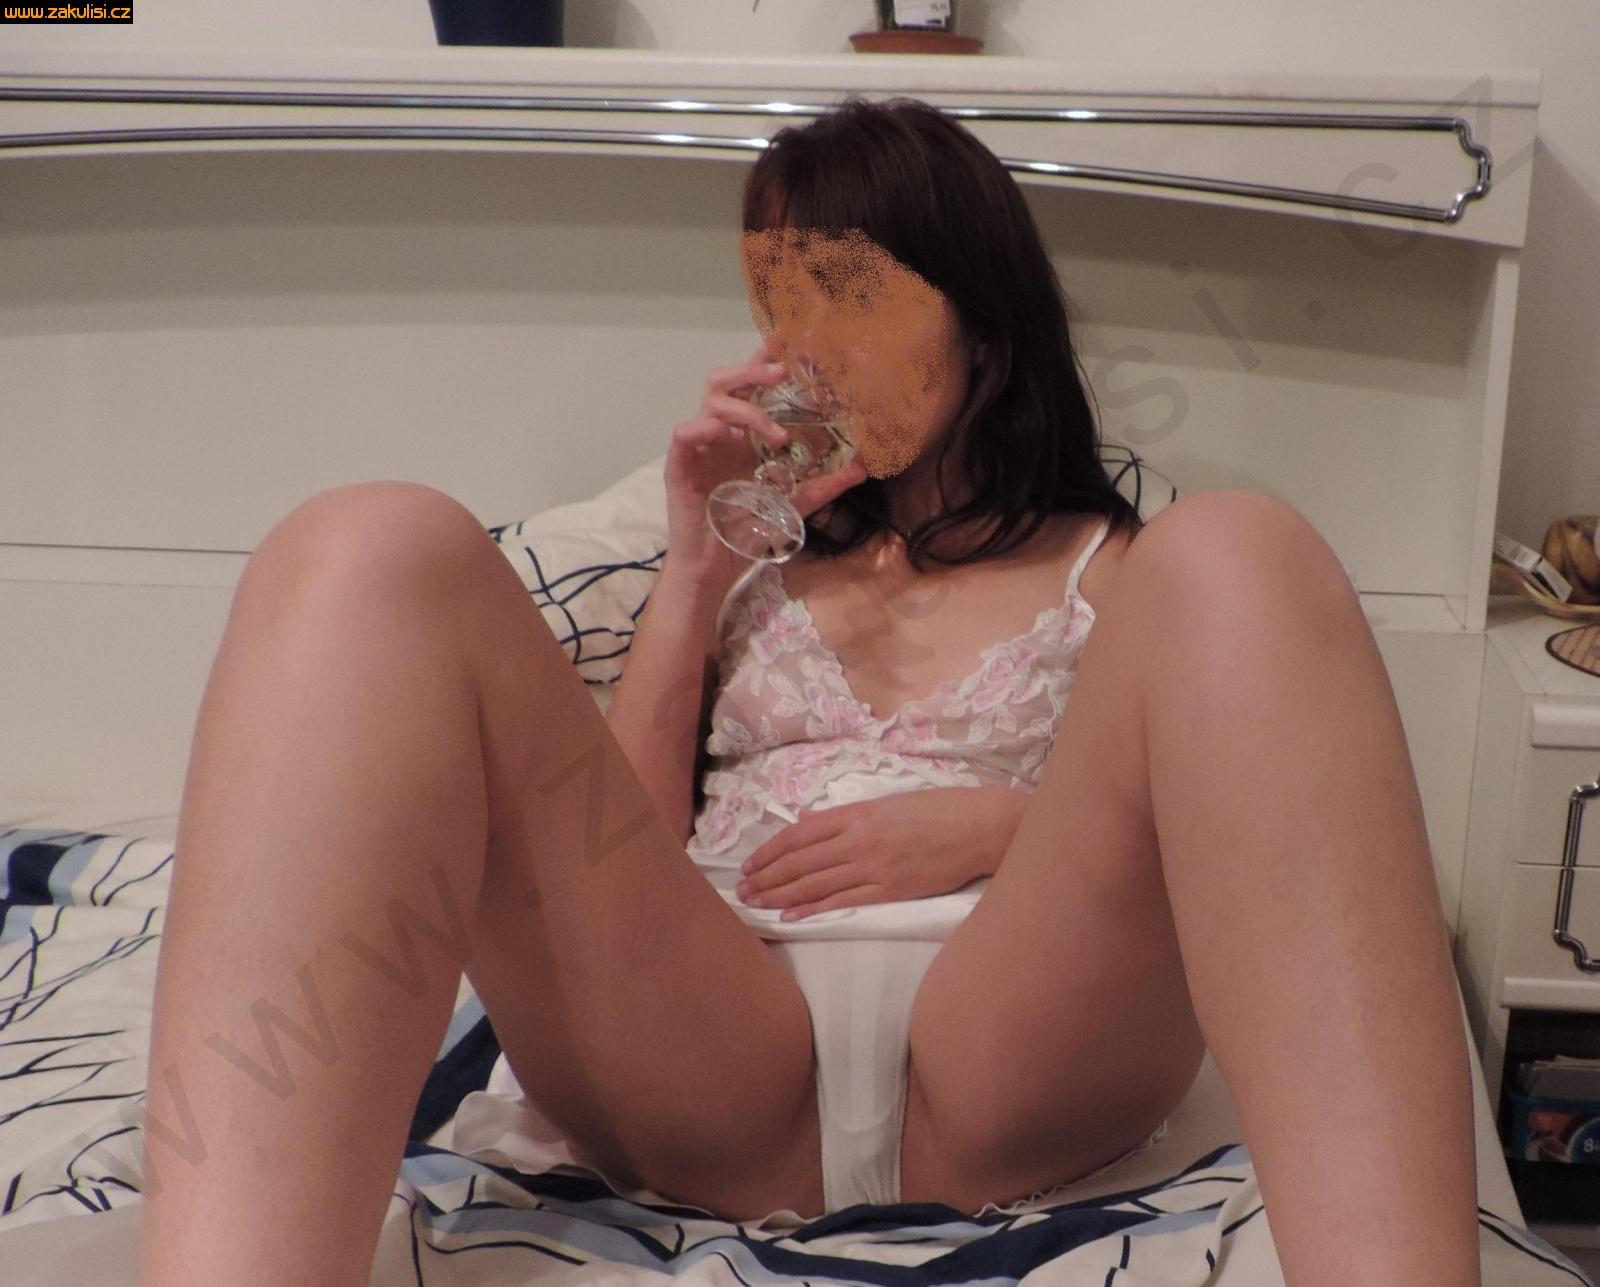 zákulisi erotická videa pro ženy